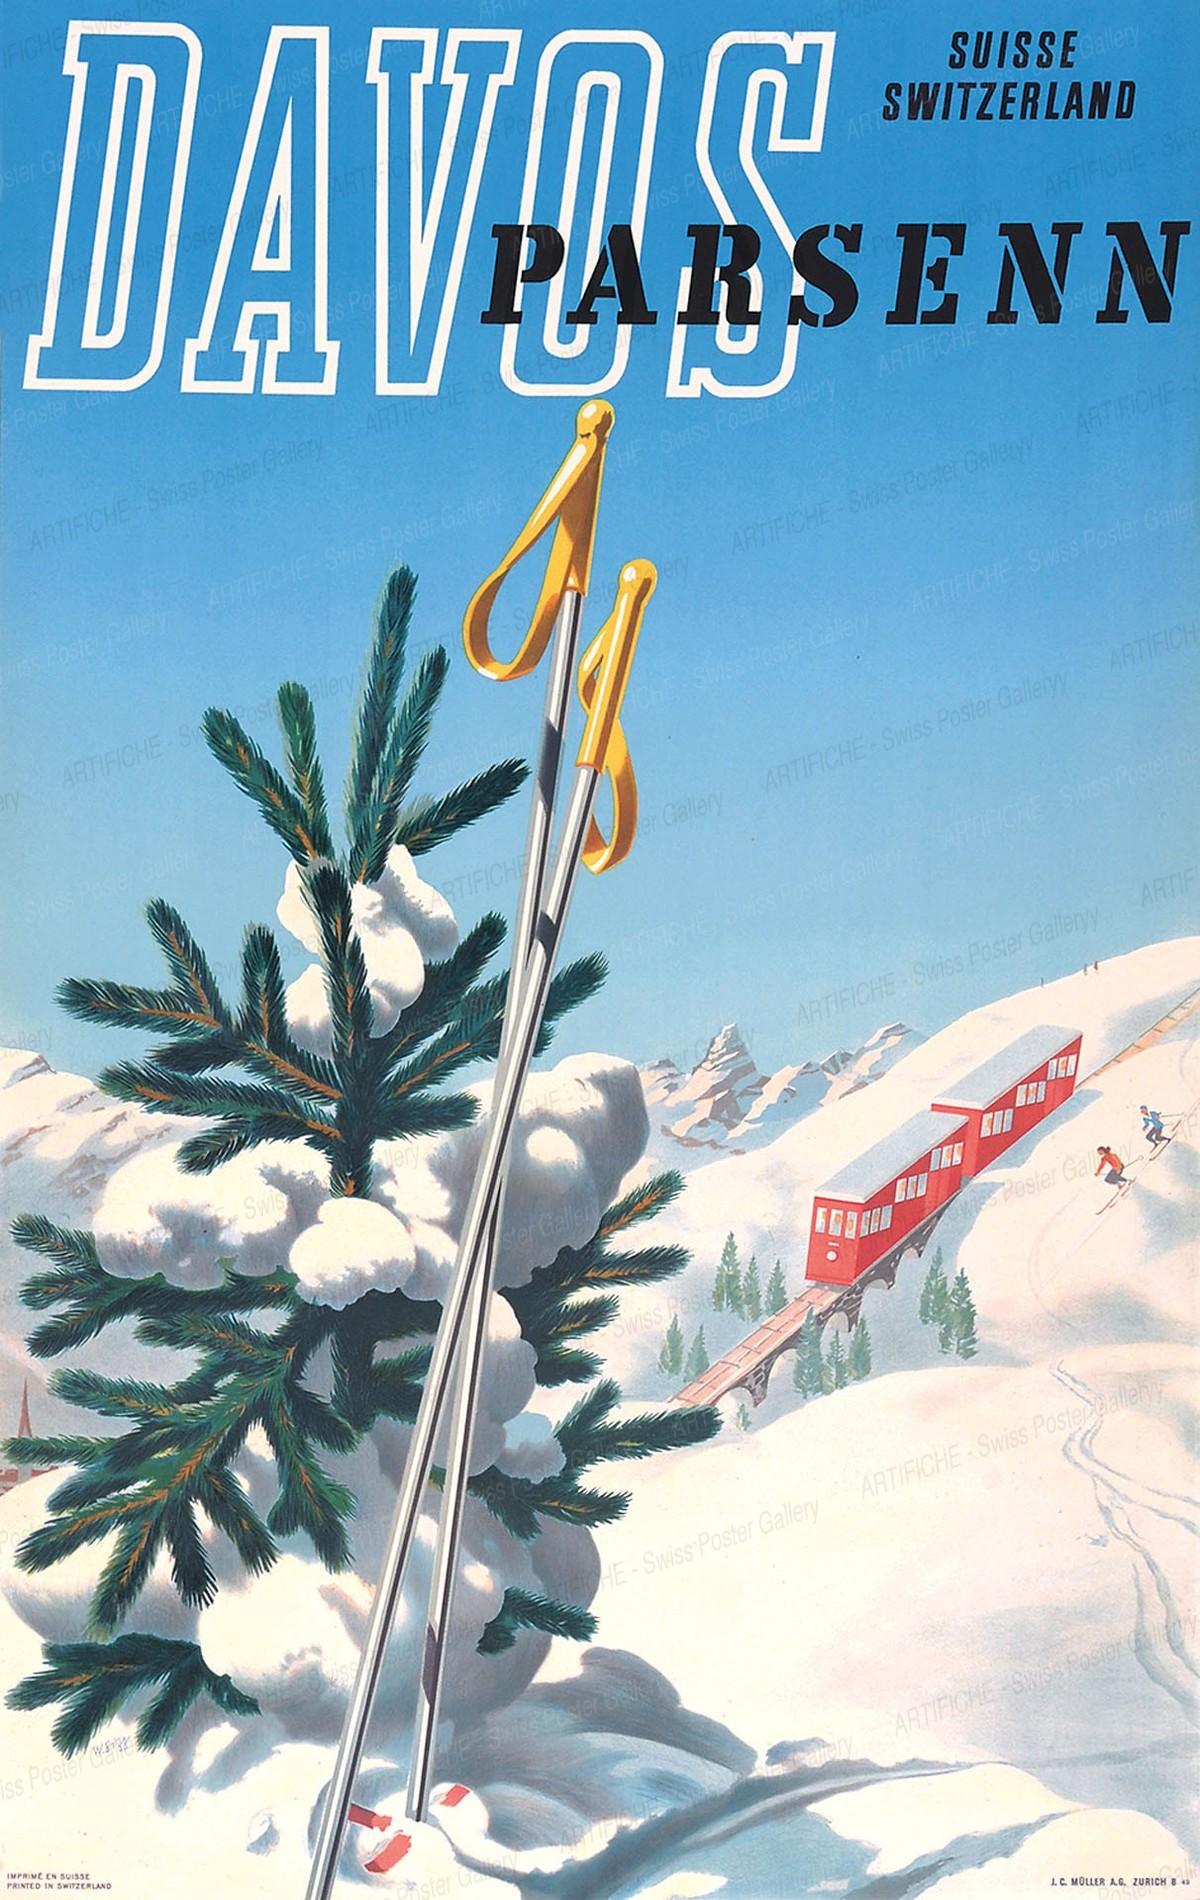 DAVOS Parsenn, Walter Sigg